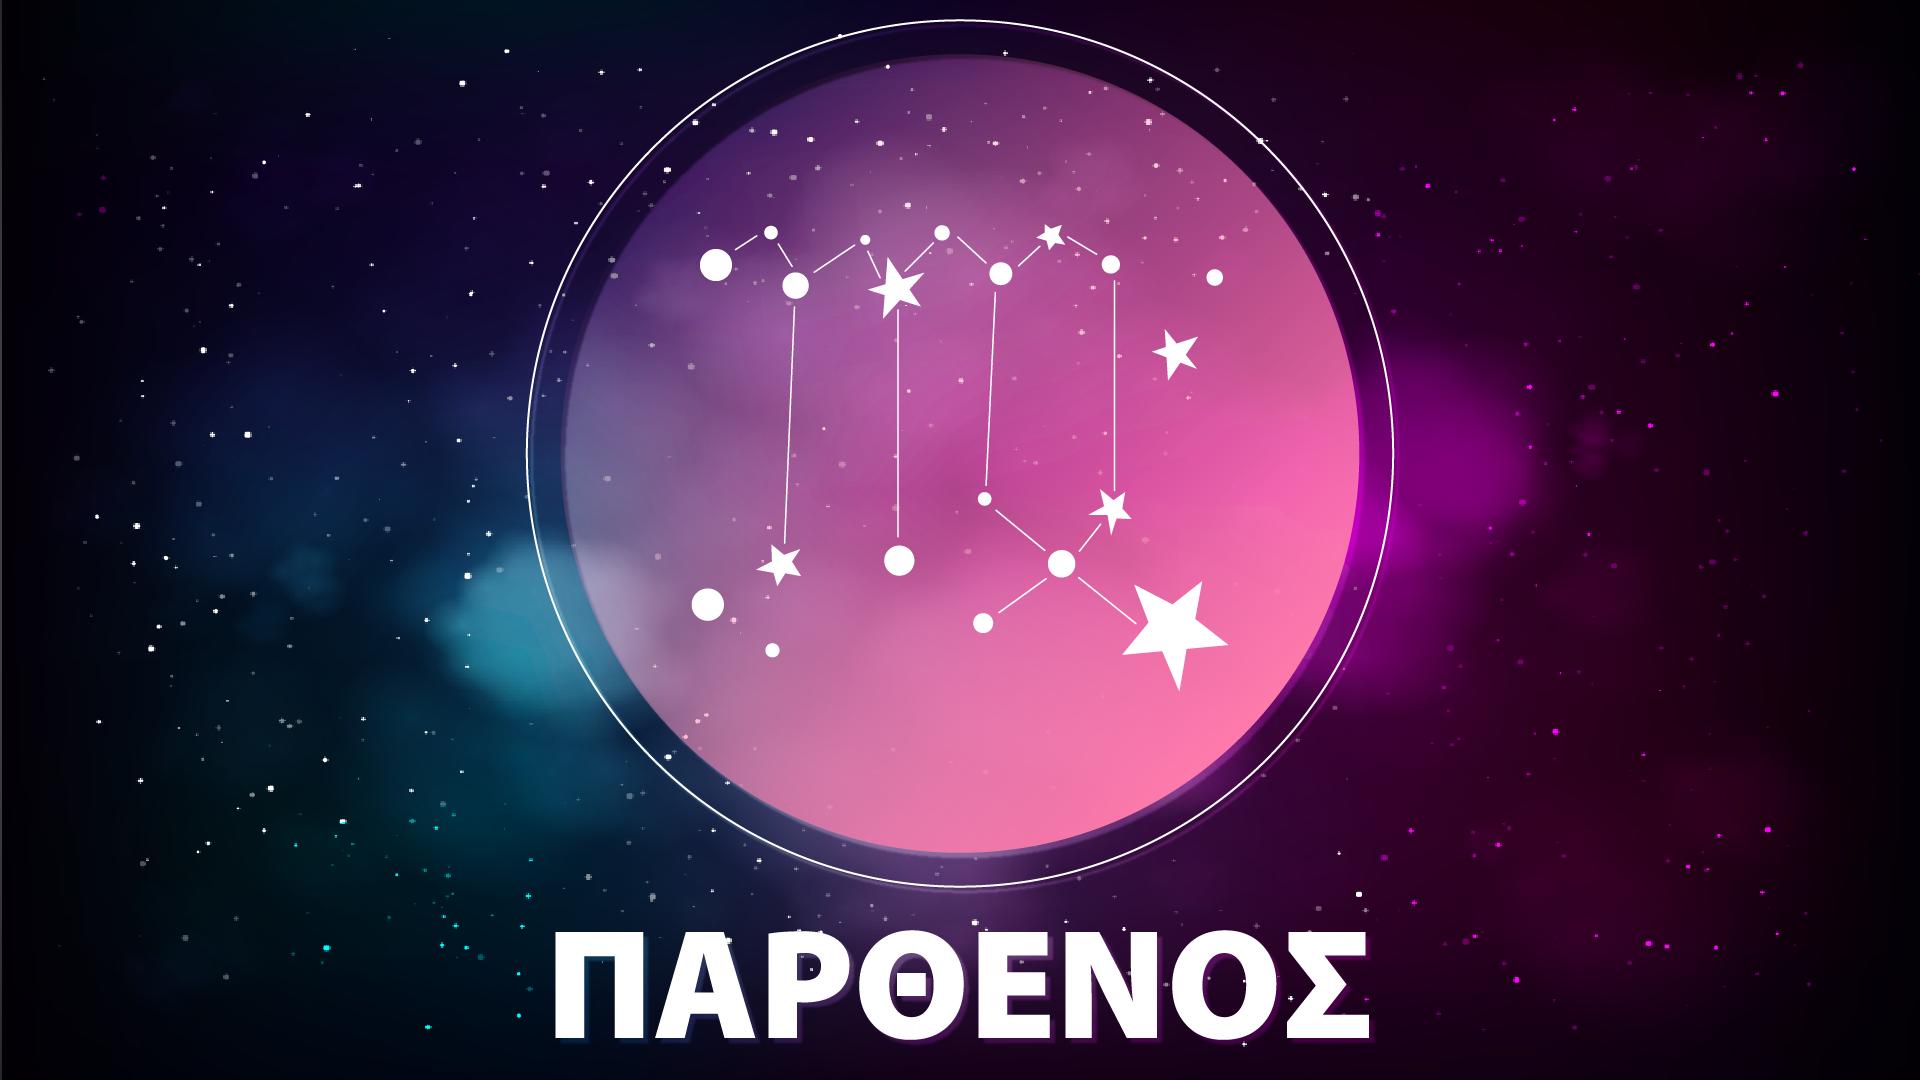 Παρθένος – Εβδομαδιαίες αστρολογικές προβλέψεις από 19/8 έως και 25/8/2019